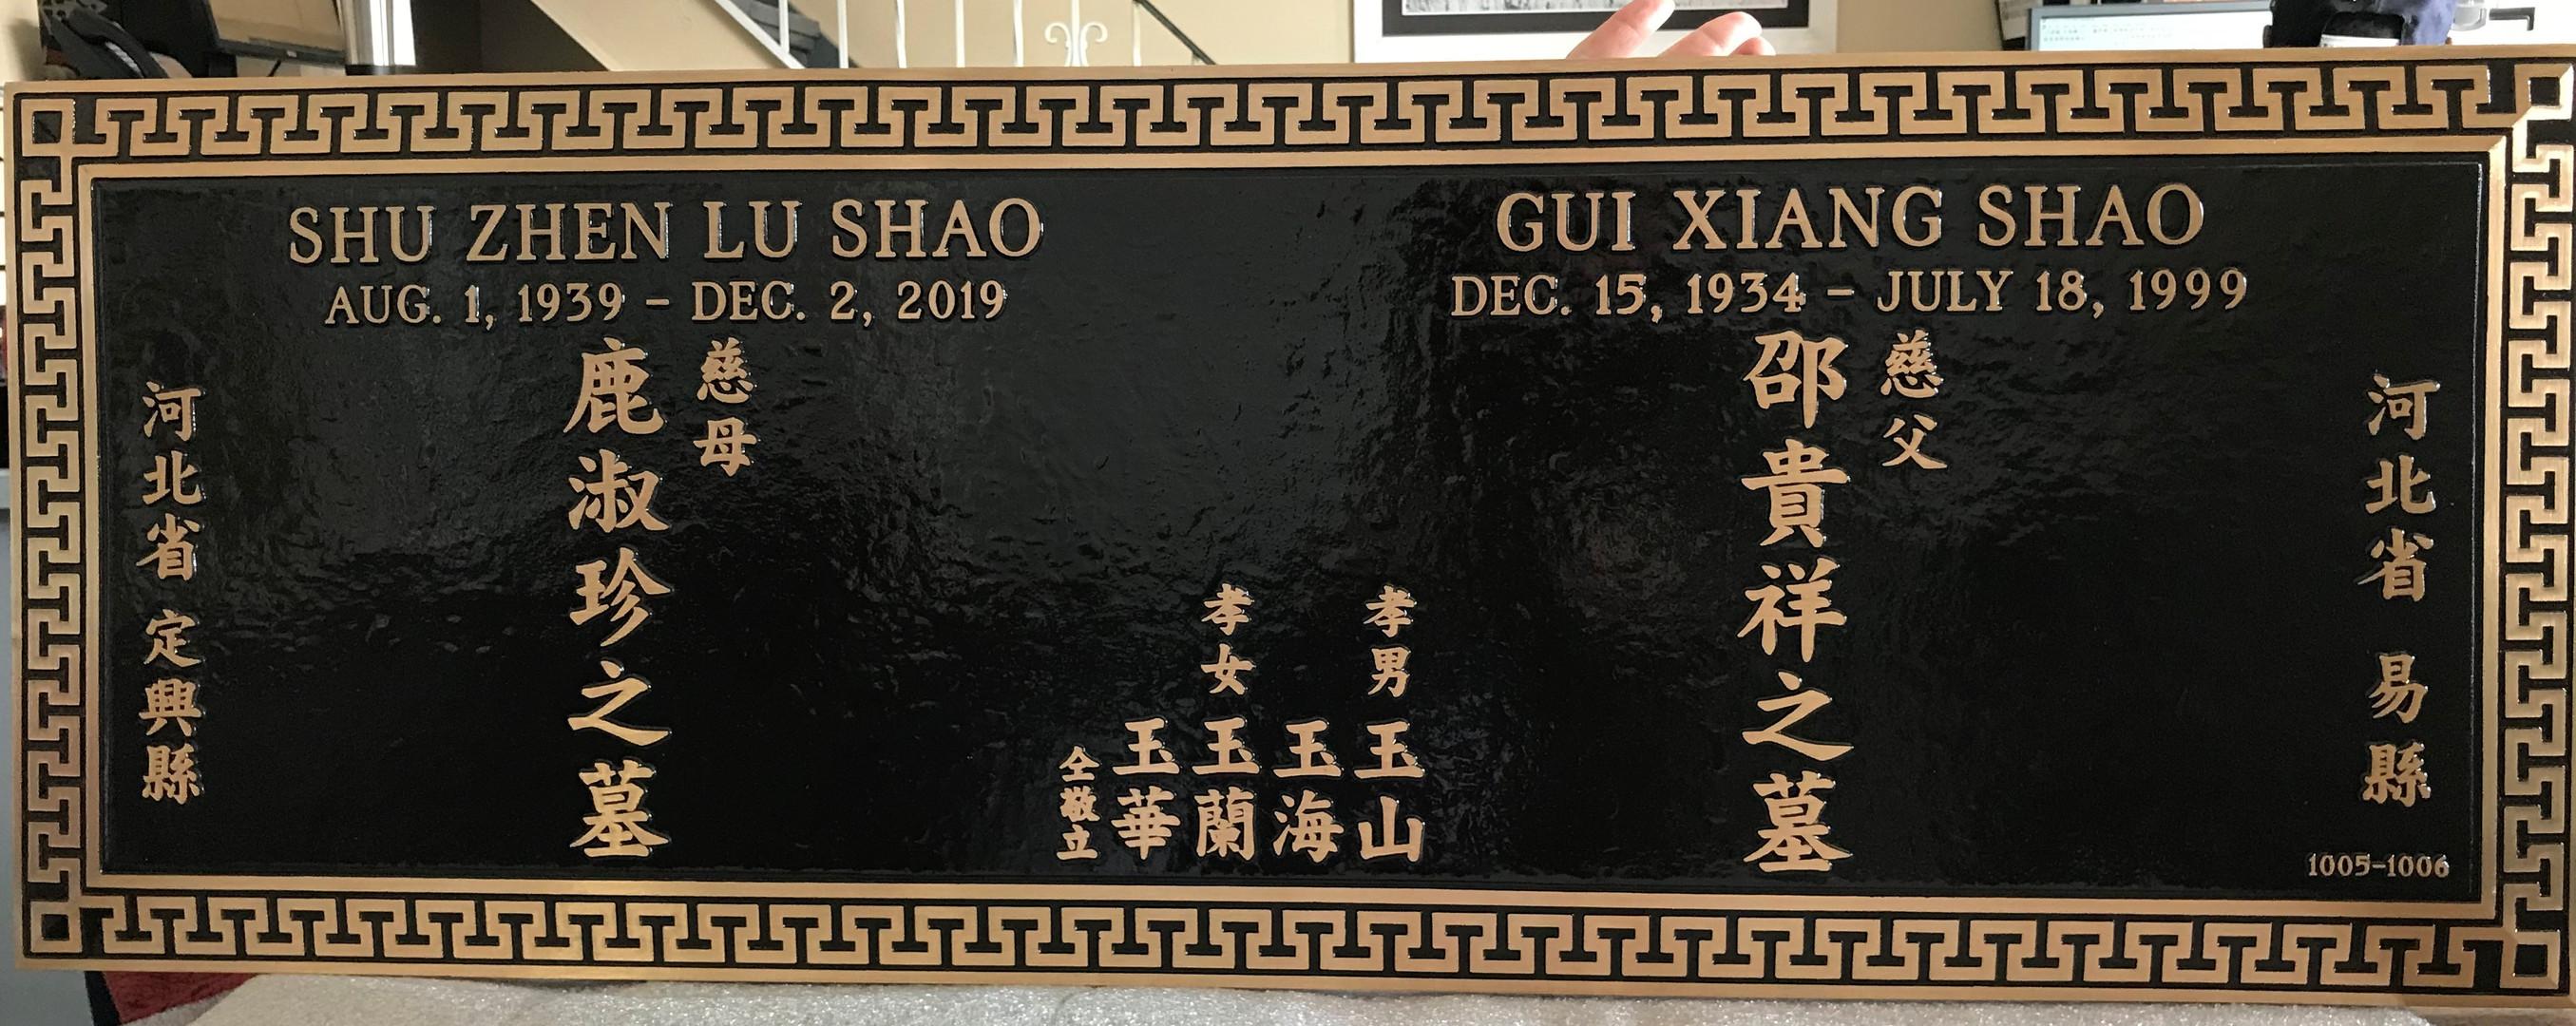 Shu Zhen & Gui Xiang Shao.jpg